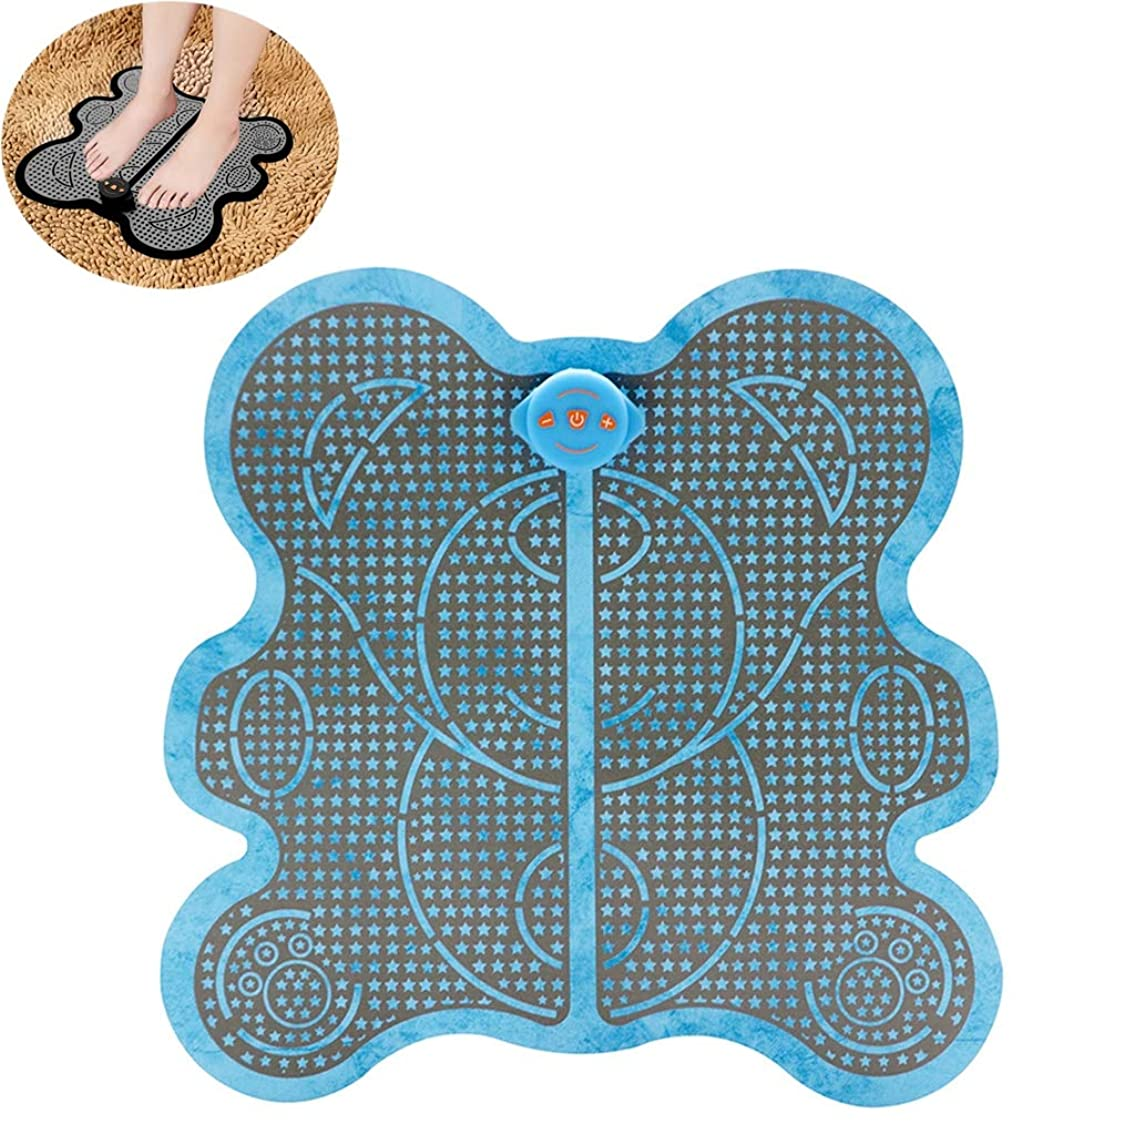 深める乳製品集団的足のマッサージャーの低頻度の脈拍EMS足のマッサージのクッションEMS理性的な理学療法のマッサージの器械,Blue